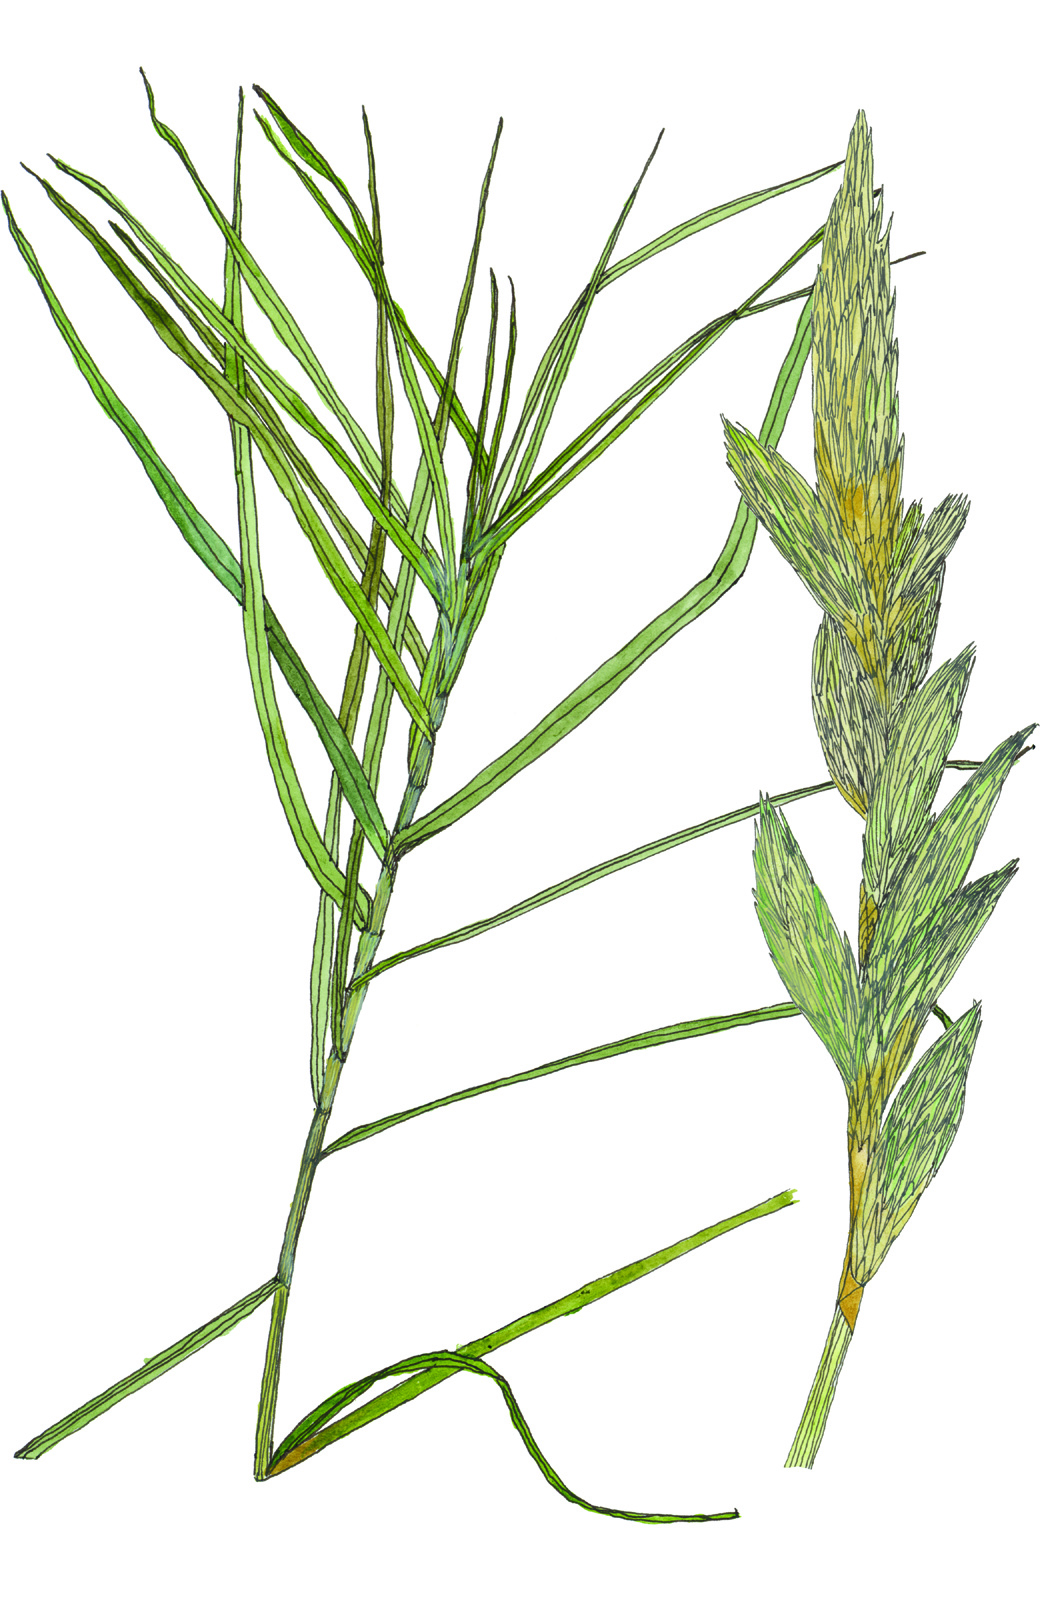 Fig52_Carex_muskingumensis.jpg